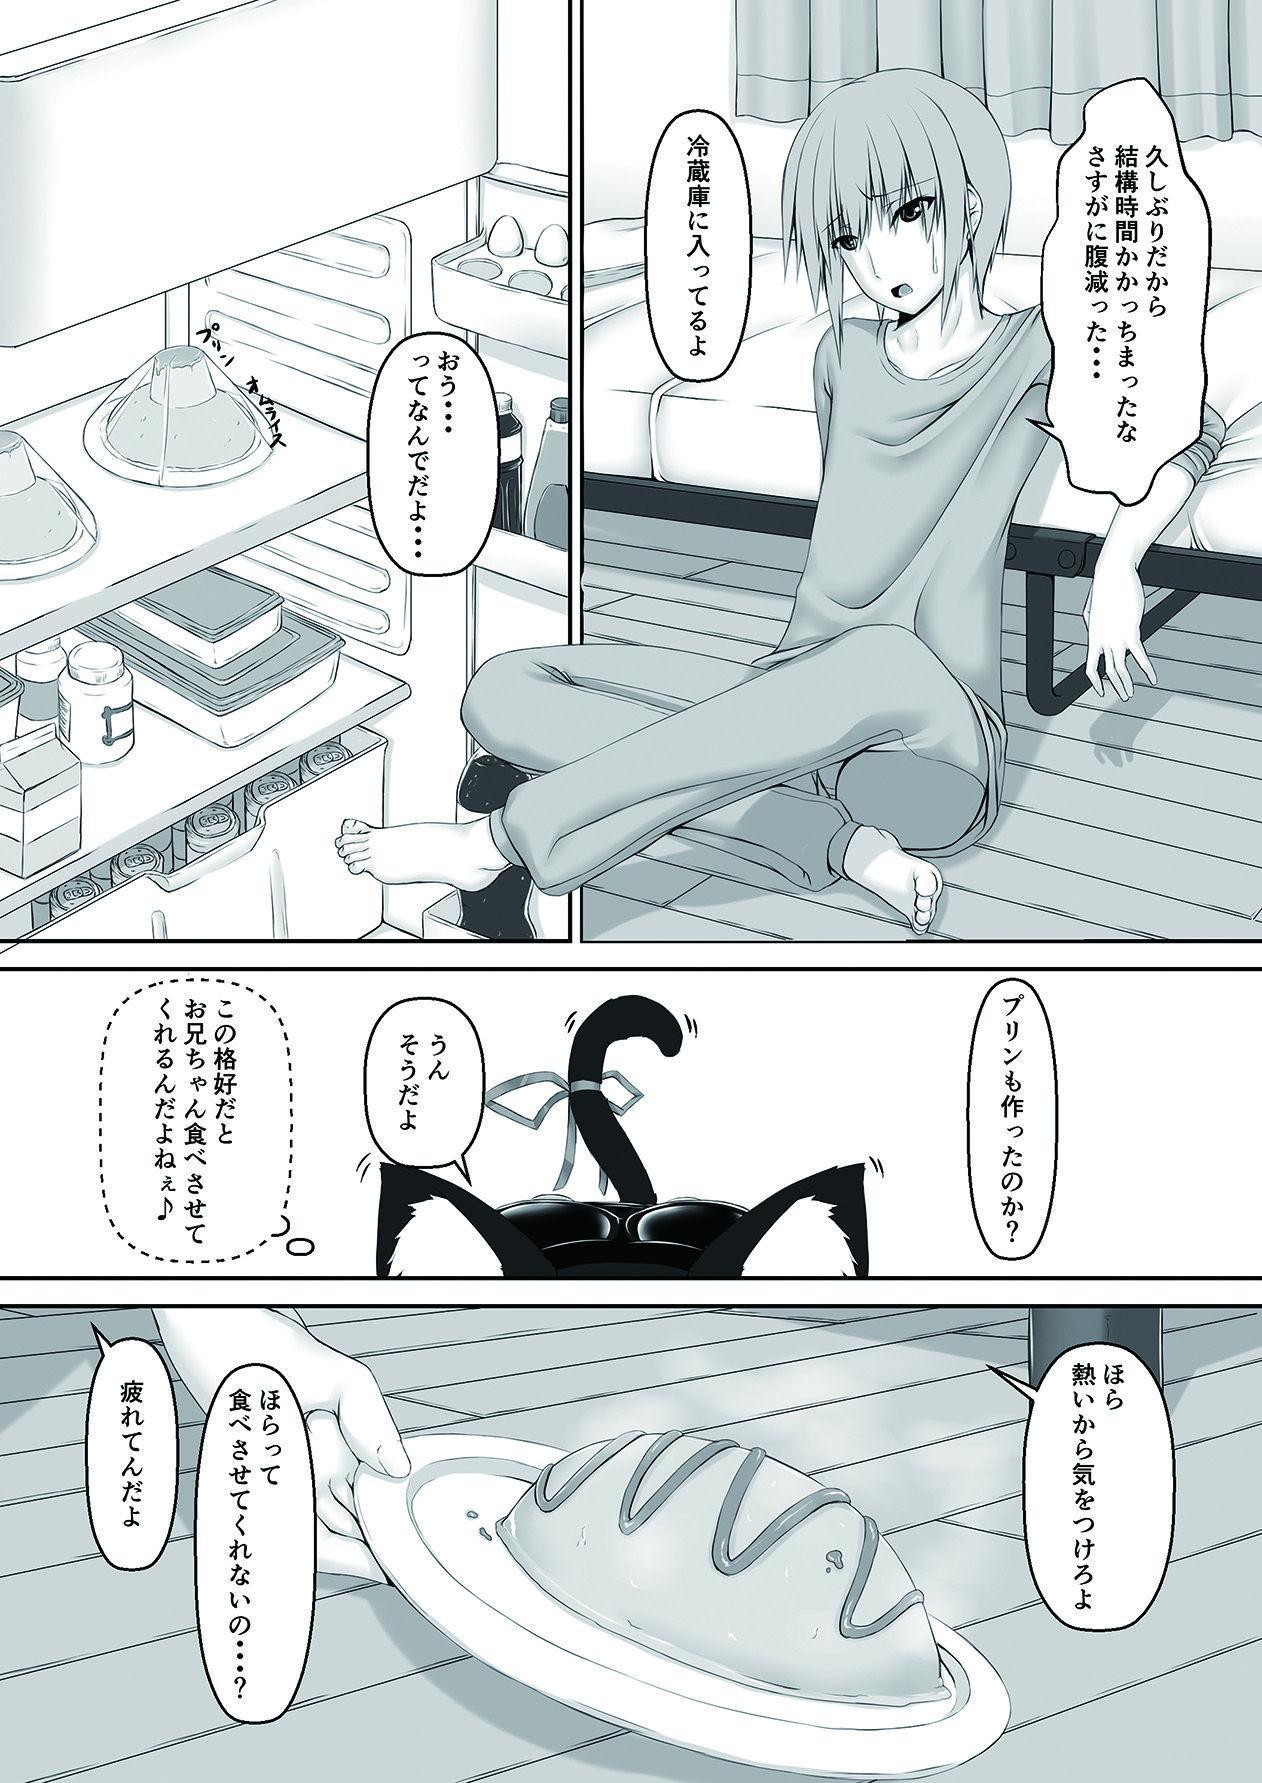 Kuroneko Choco Ice 3 7